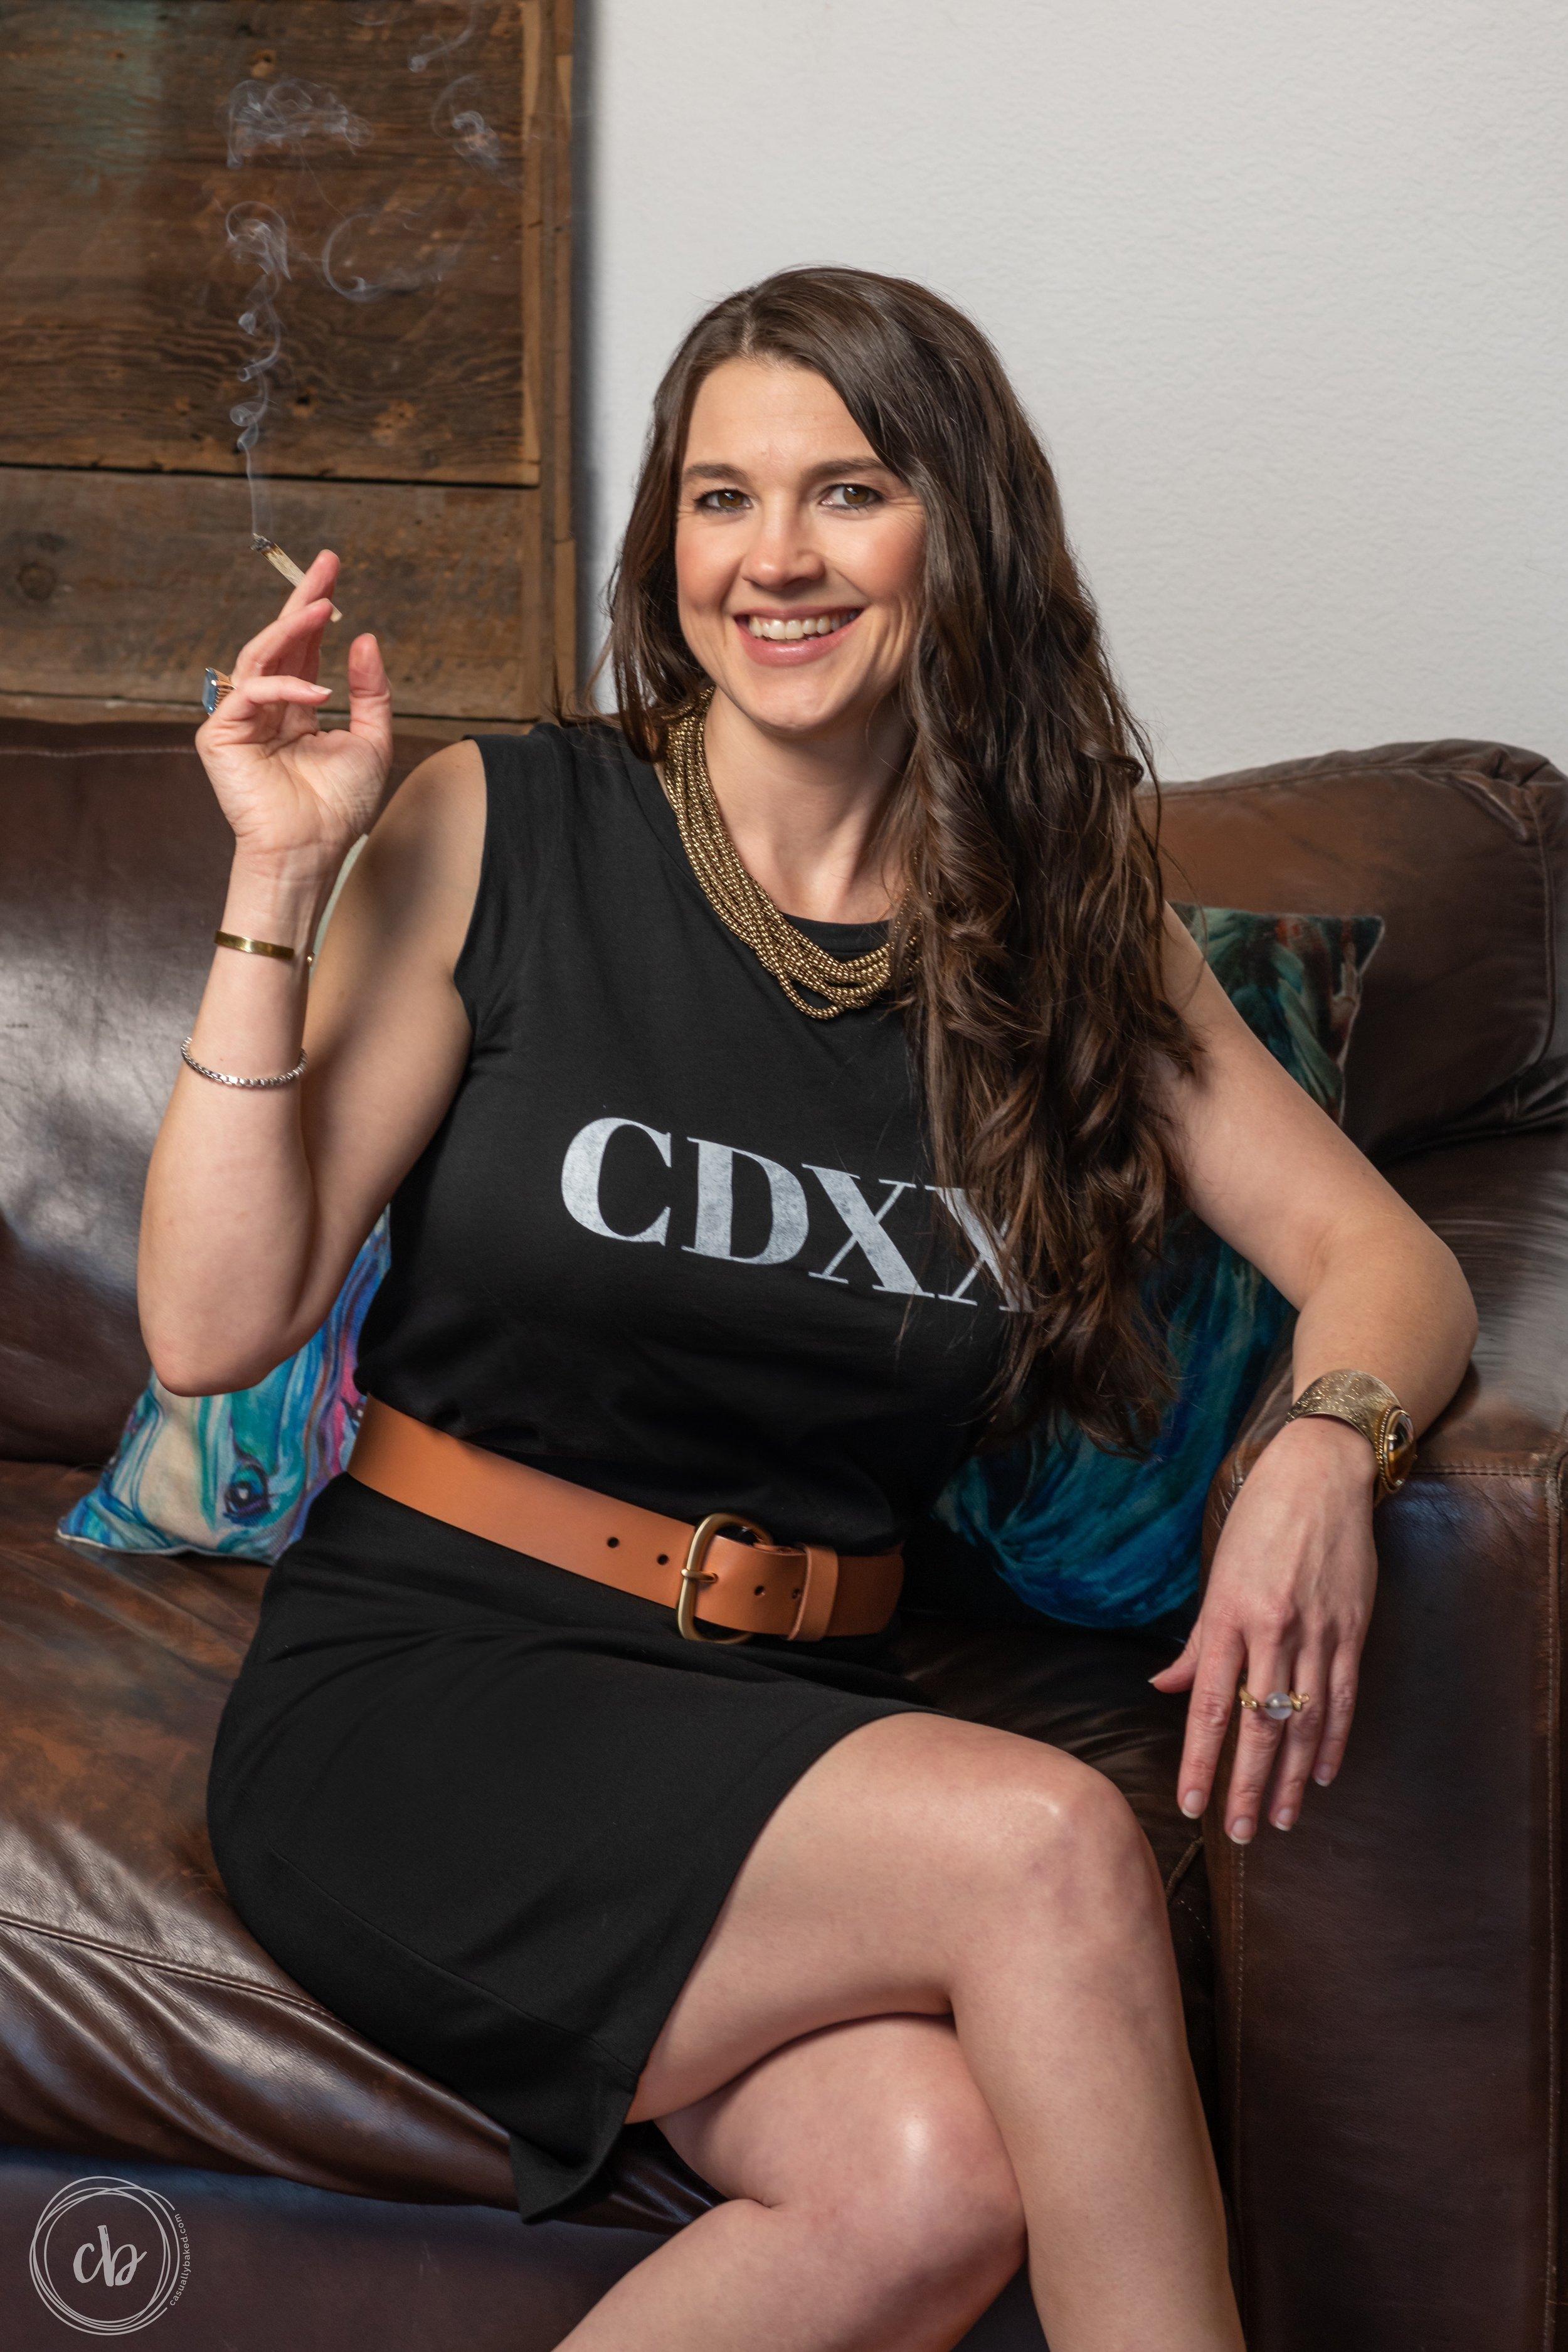 Casually Baked Media founder, Johanna Nuding